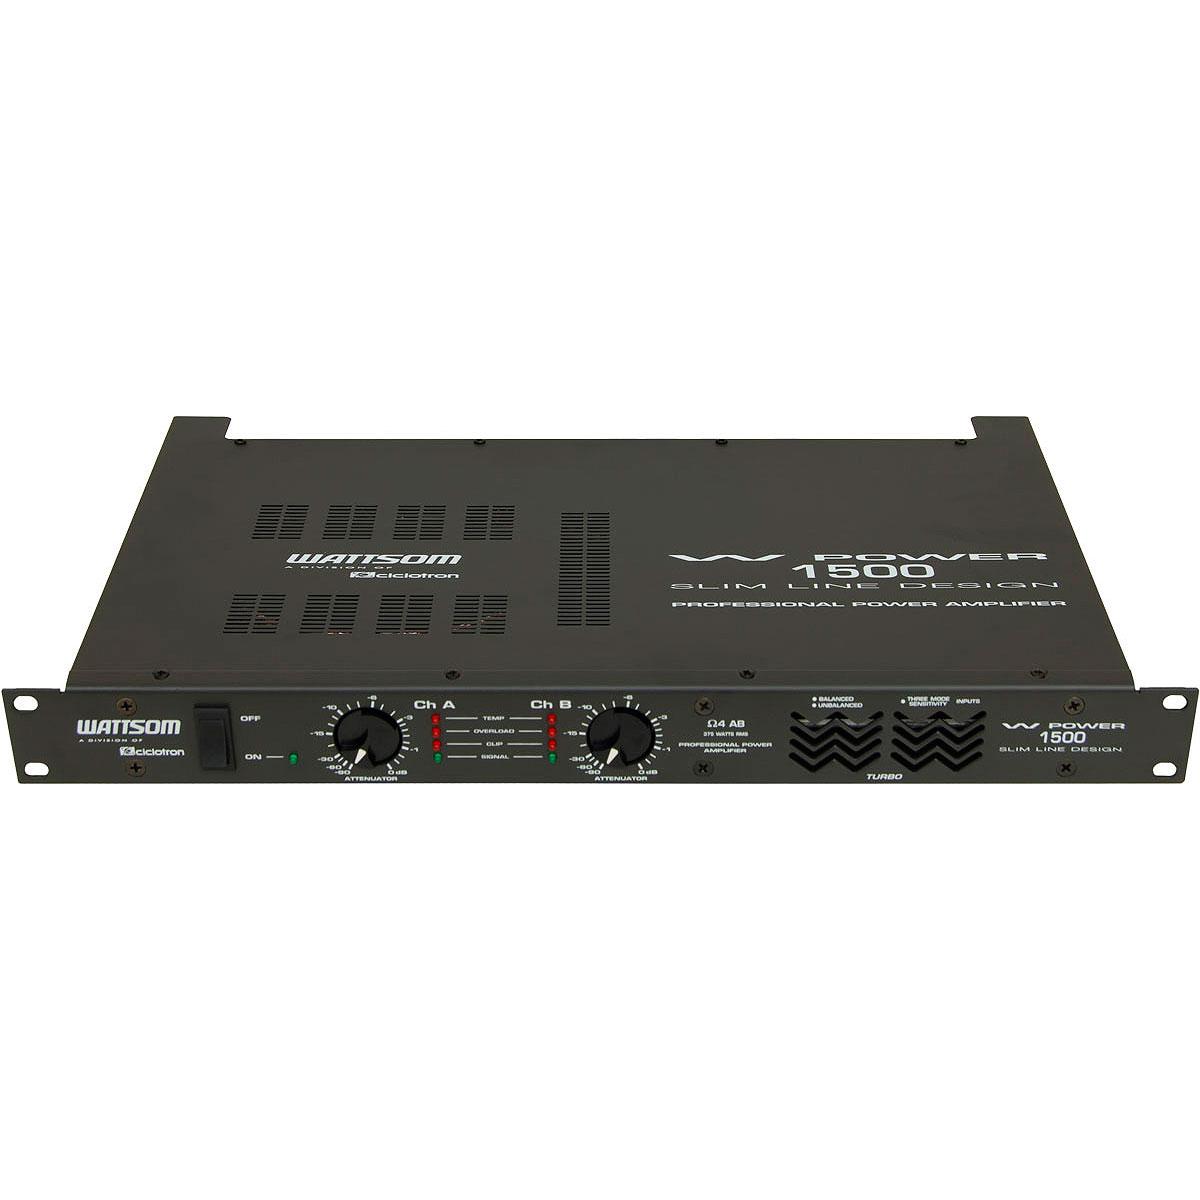 WPOWER1500 - Amplificador Est�reo 2 Canais 375W W POWER 1500 - Ciclotron